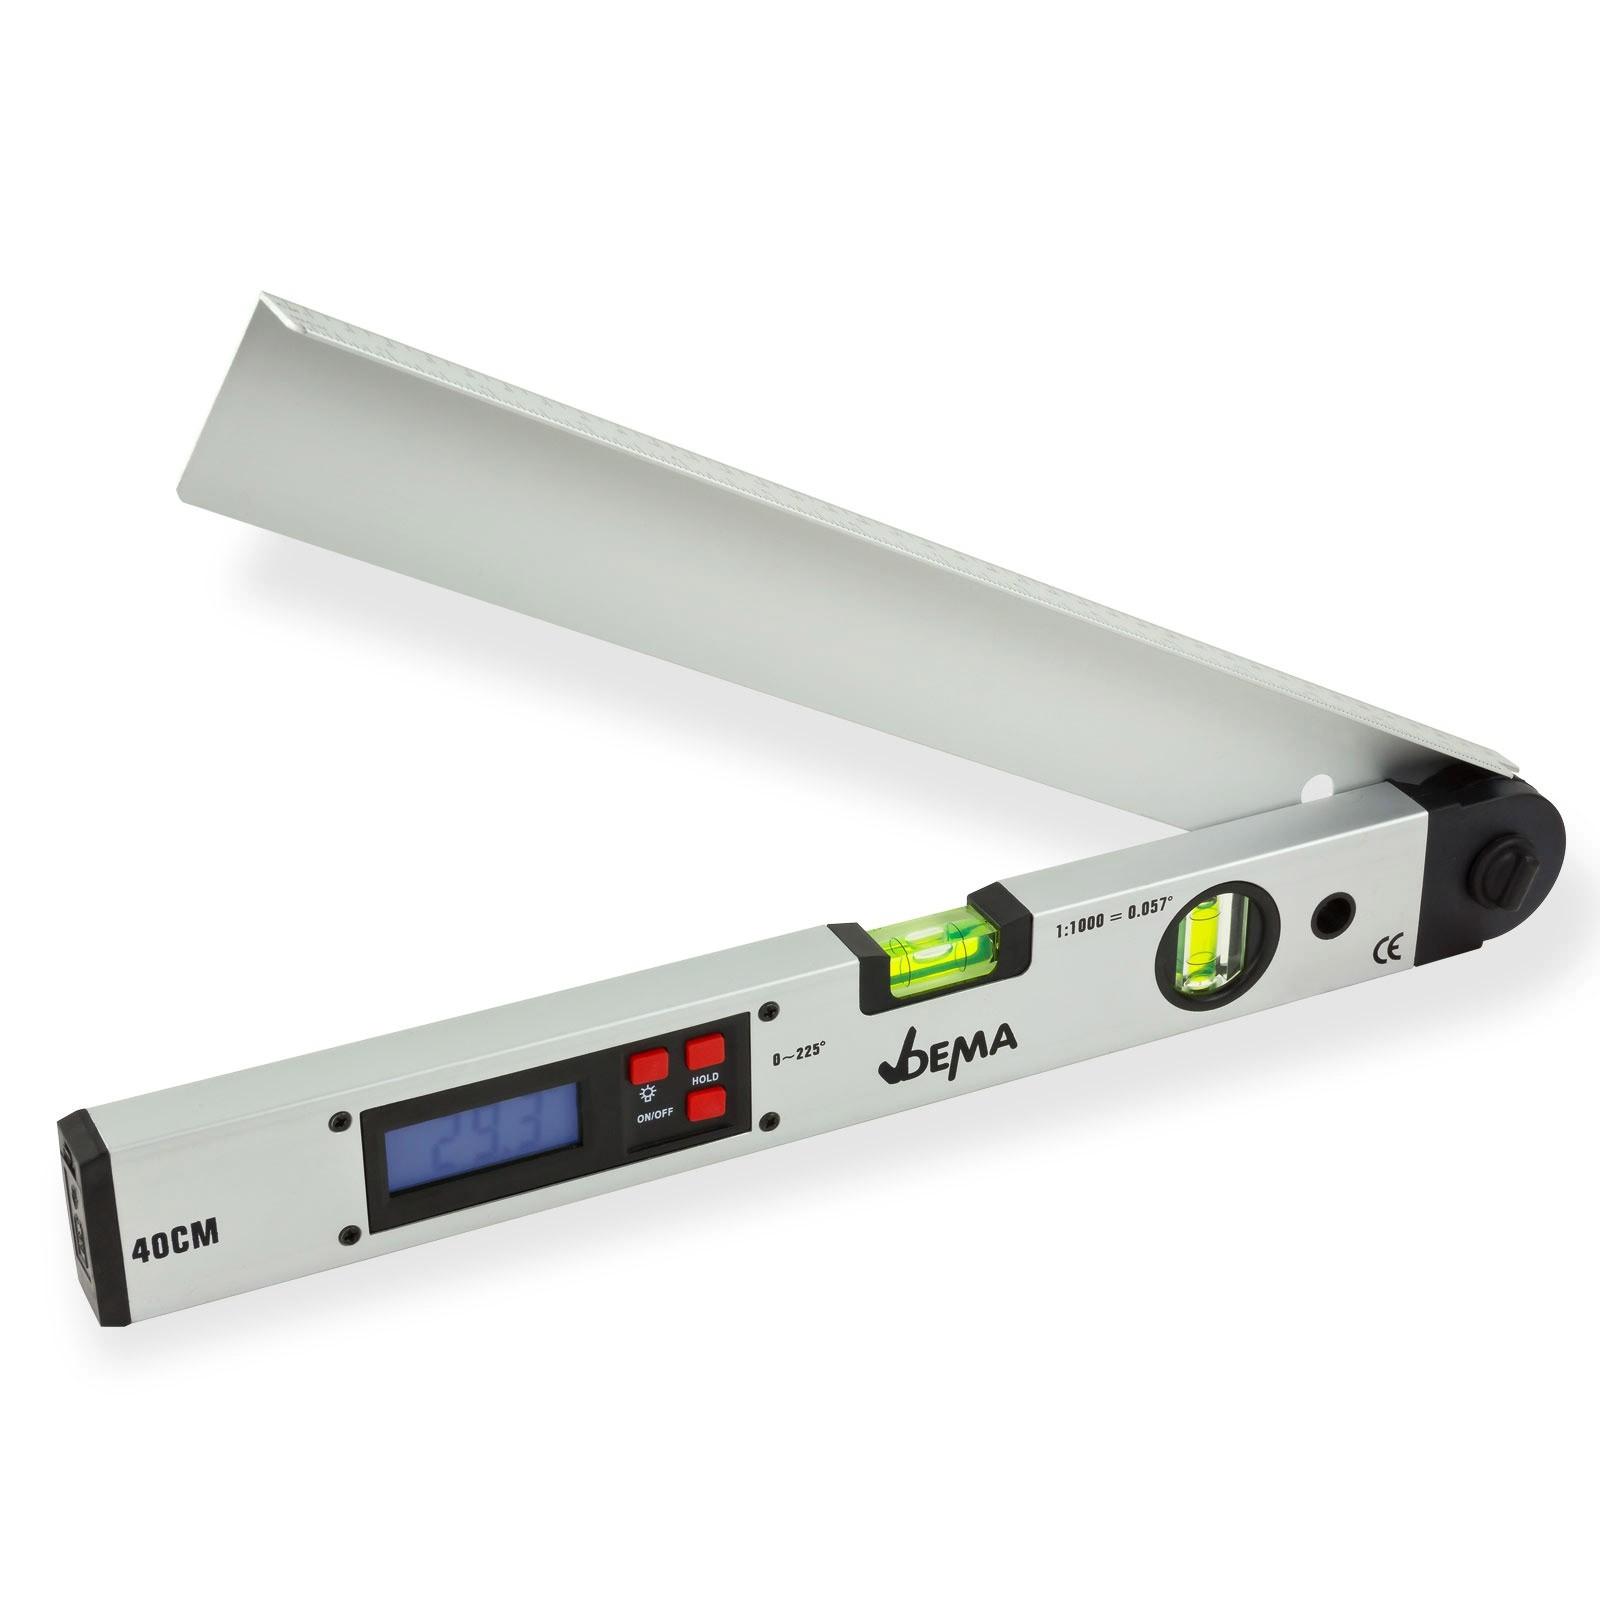 Dema Digitaler Winkelmesser mit Wasserwaage 40 cm Winkelmessgerät Gradmesser 20638